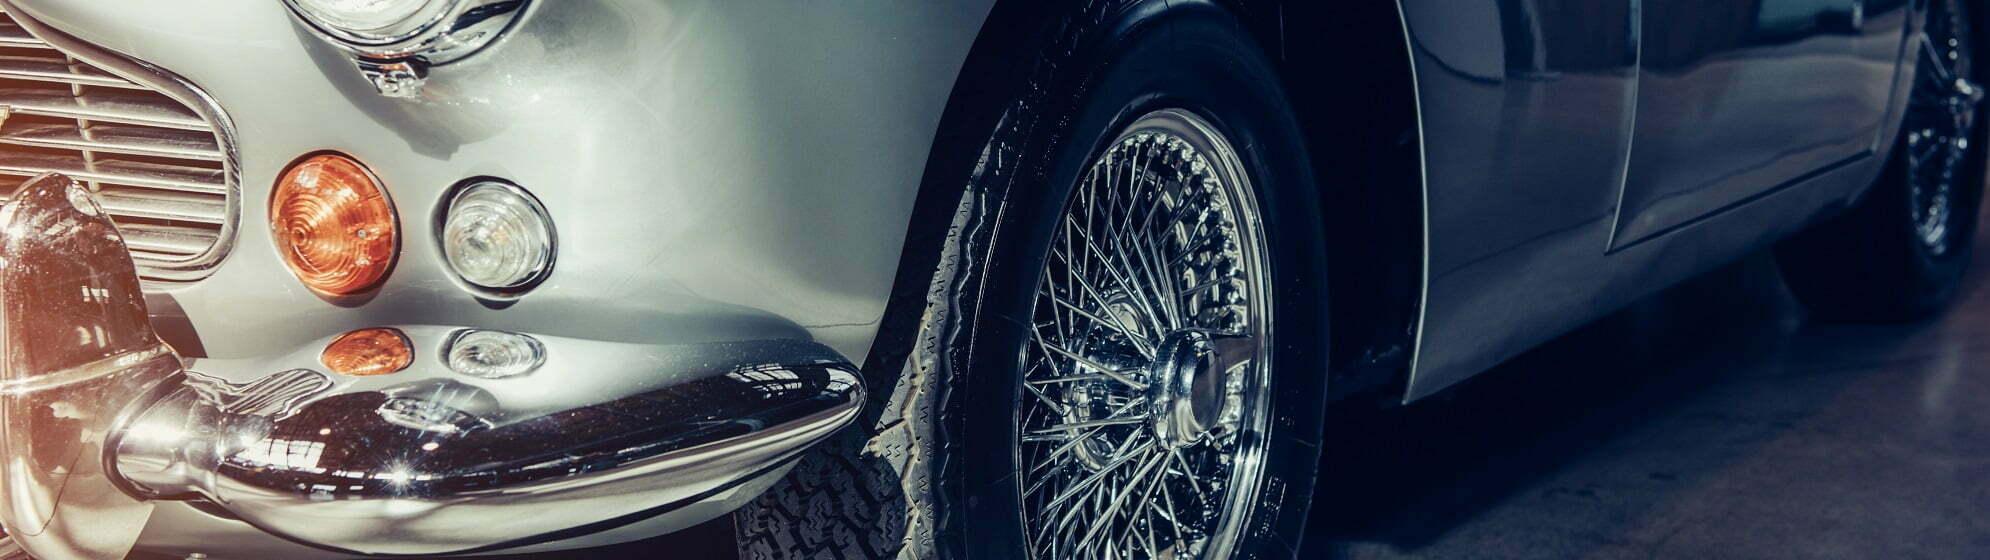 Automotive banner